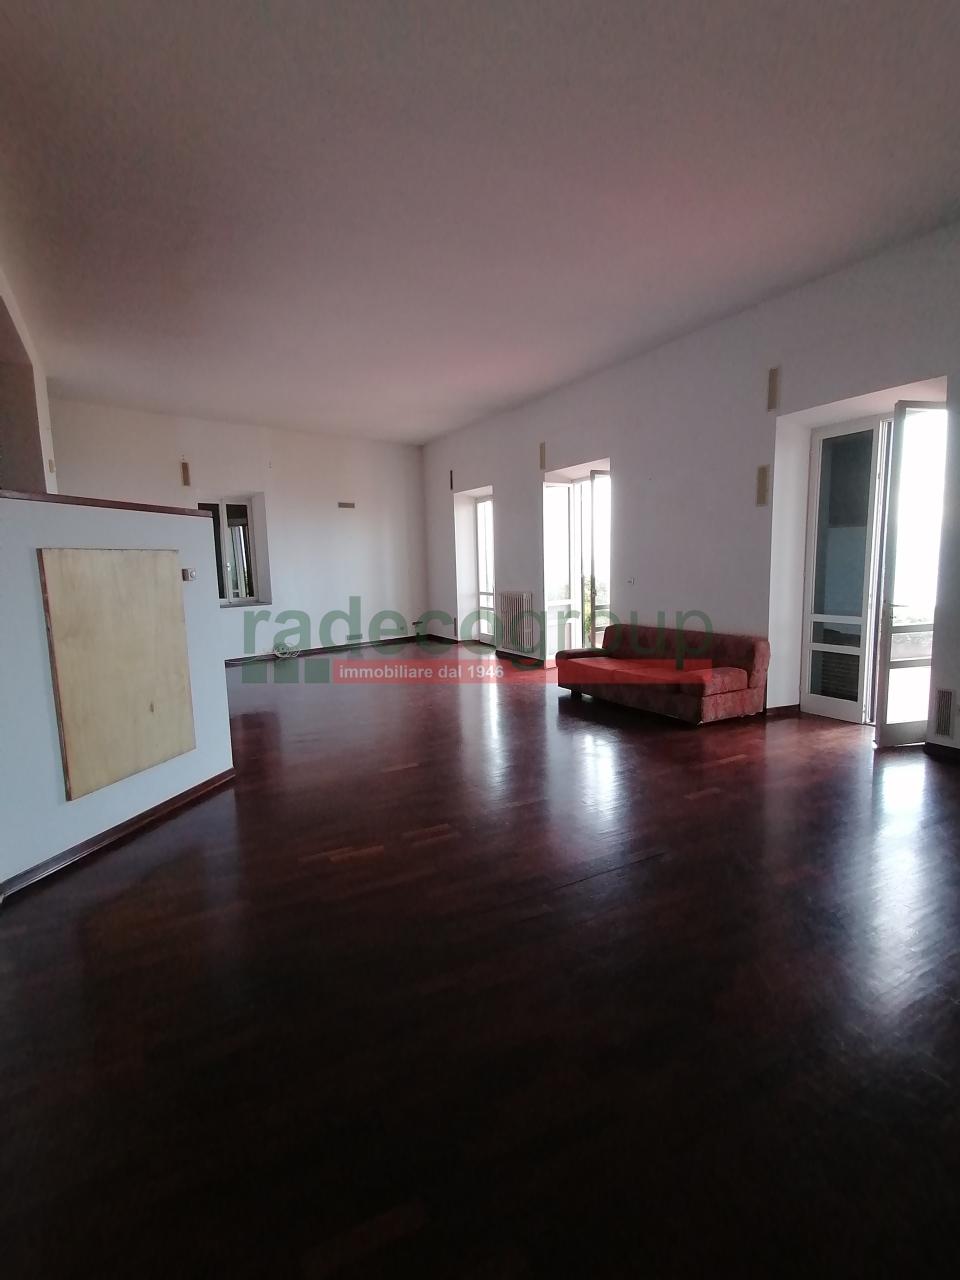 Appartamento - Antignano, Livorno (11/16)